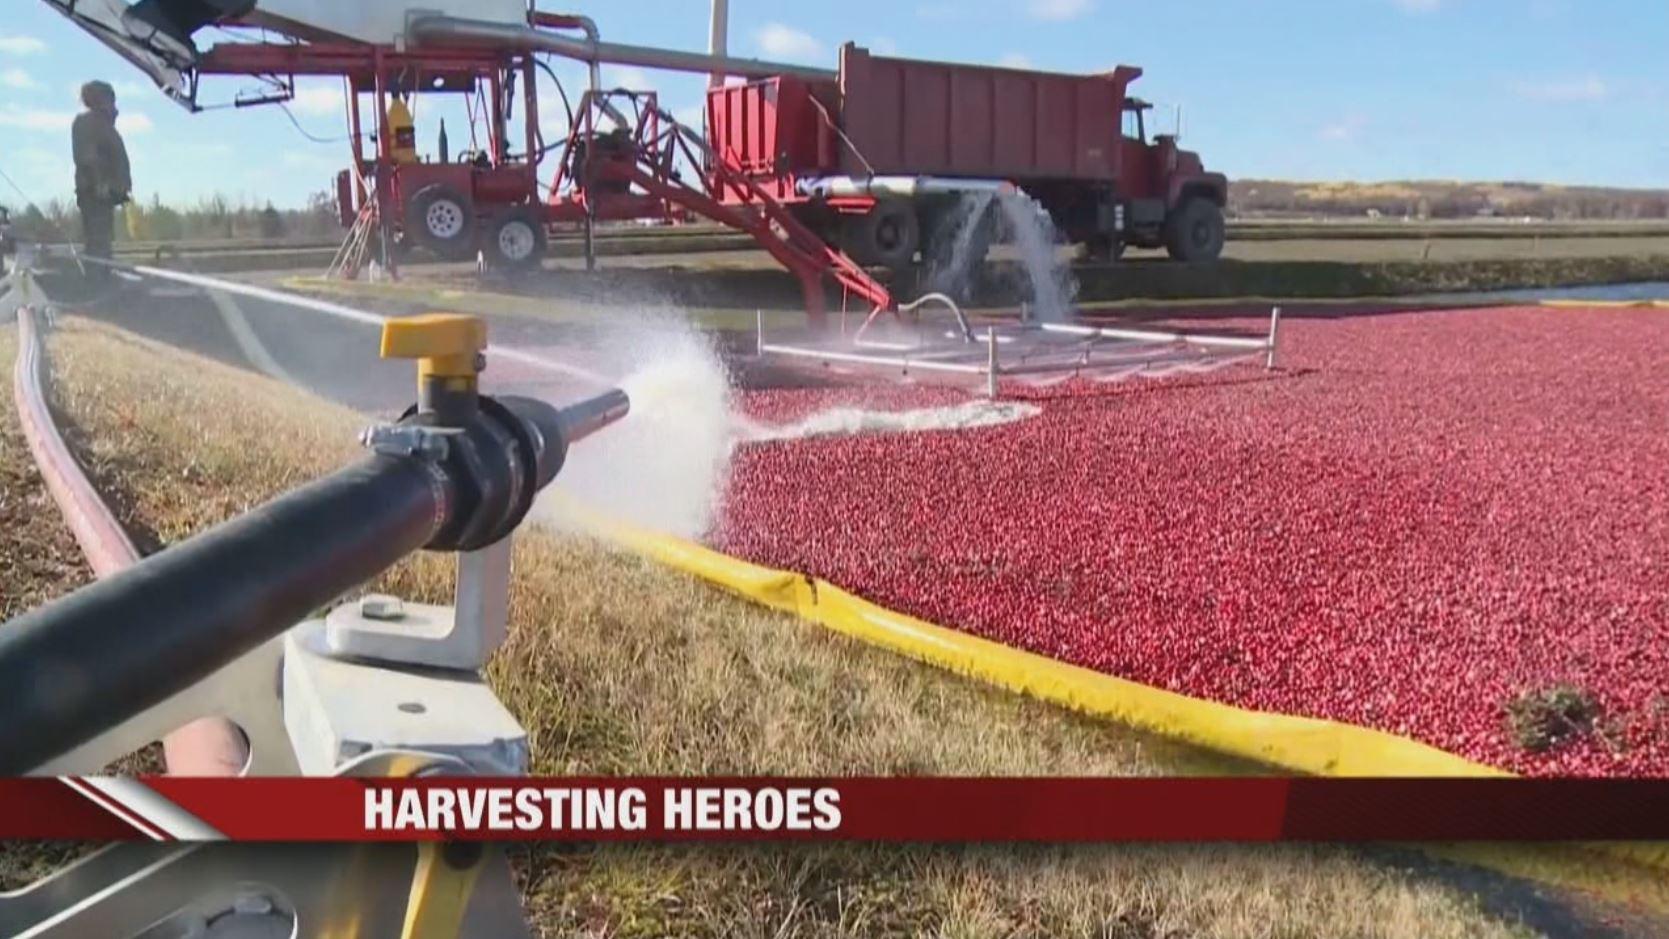 harvesting heroes